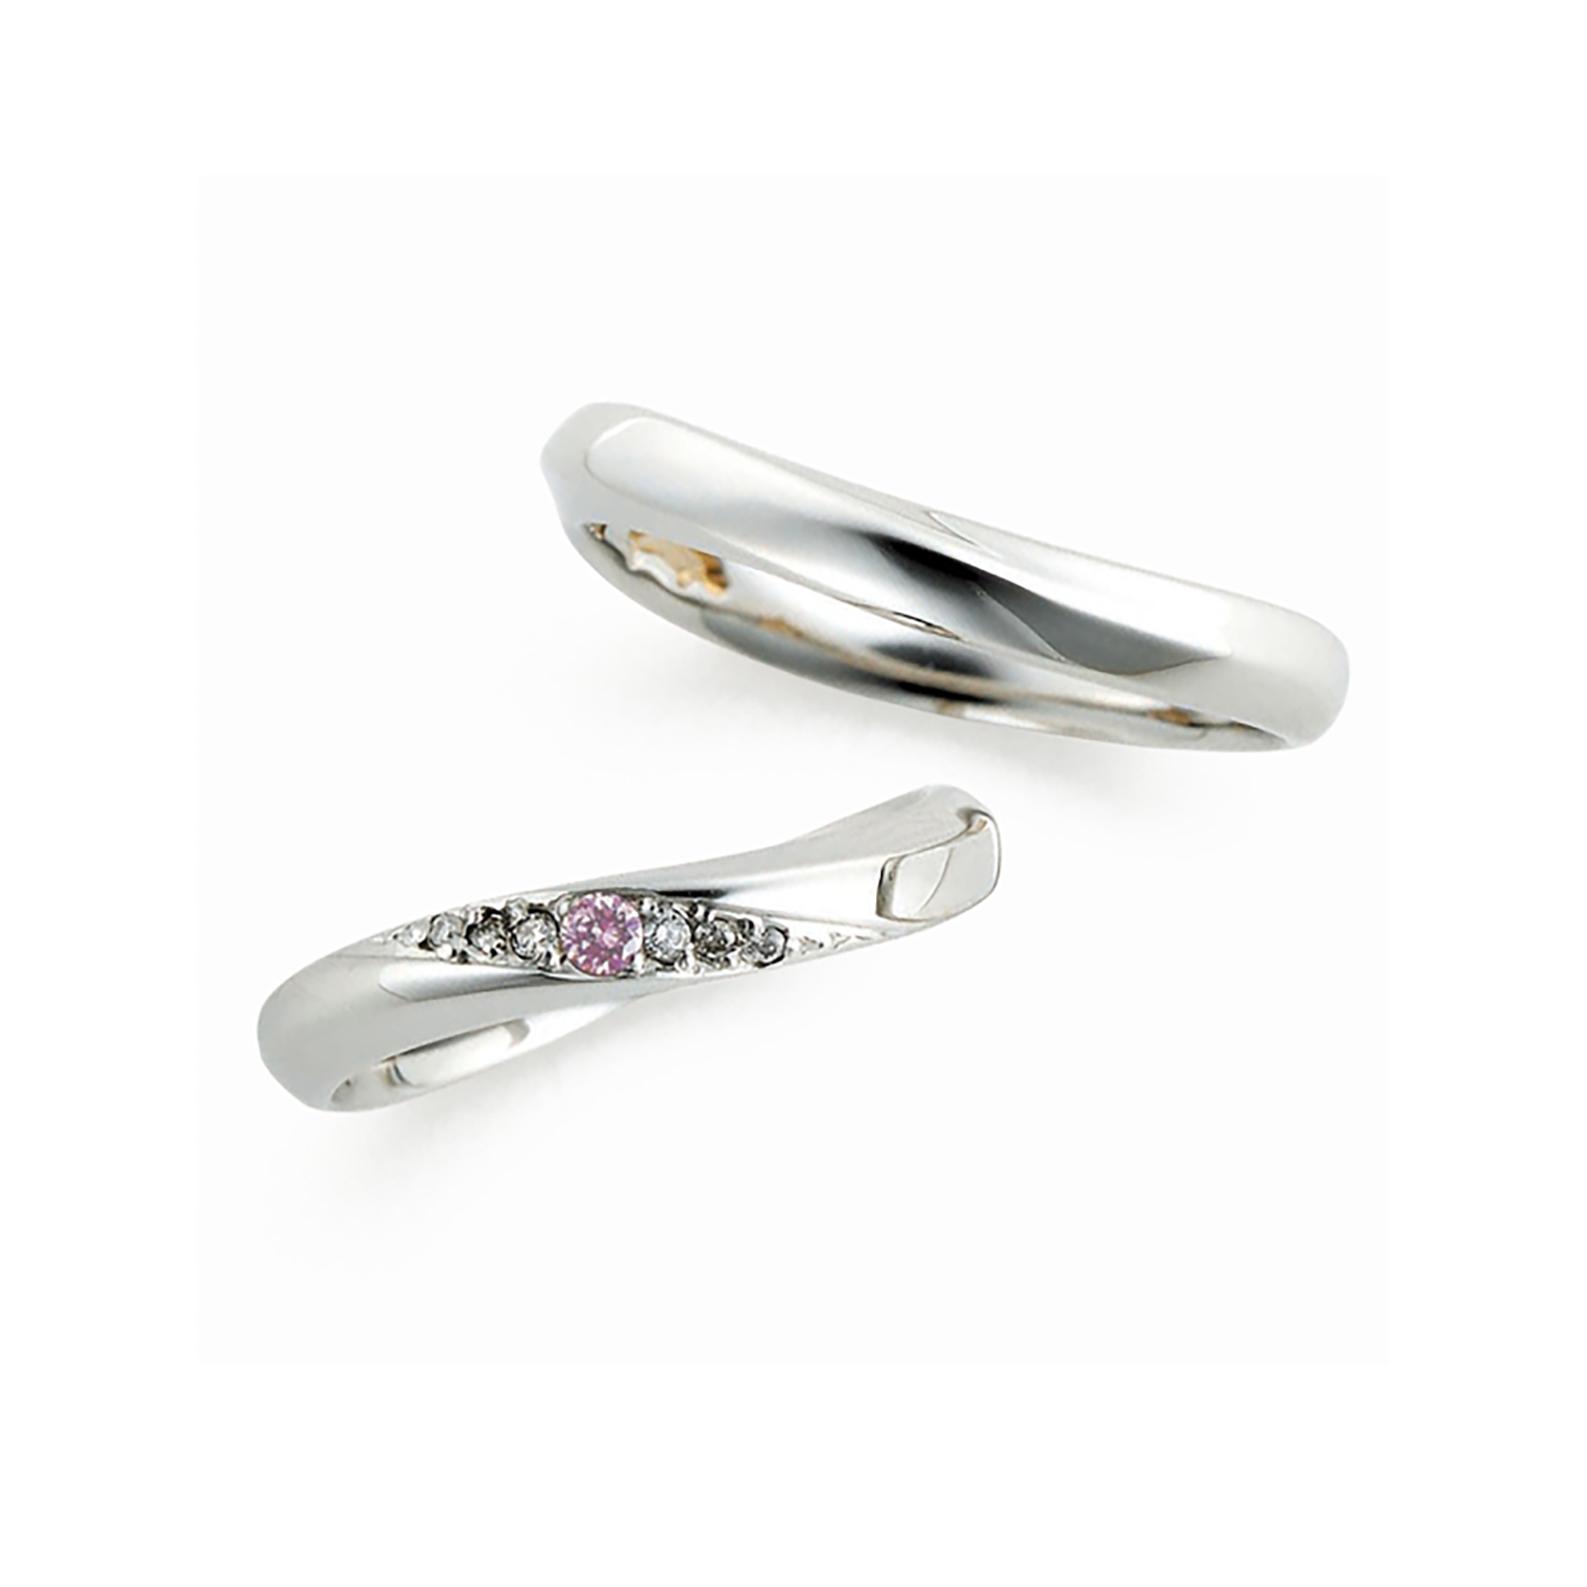 指の付け根とは逆のウェーブラインがデザインを引き立てている結婚指輪(マリッジリング)斜めにメレダイヤモンドが入っていて人気なデザインです。